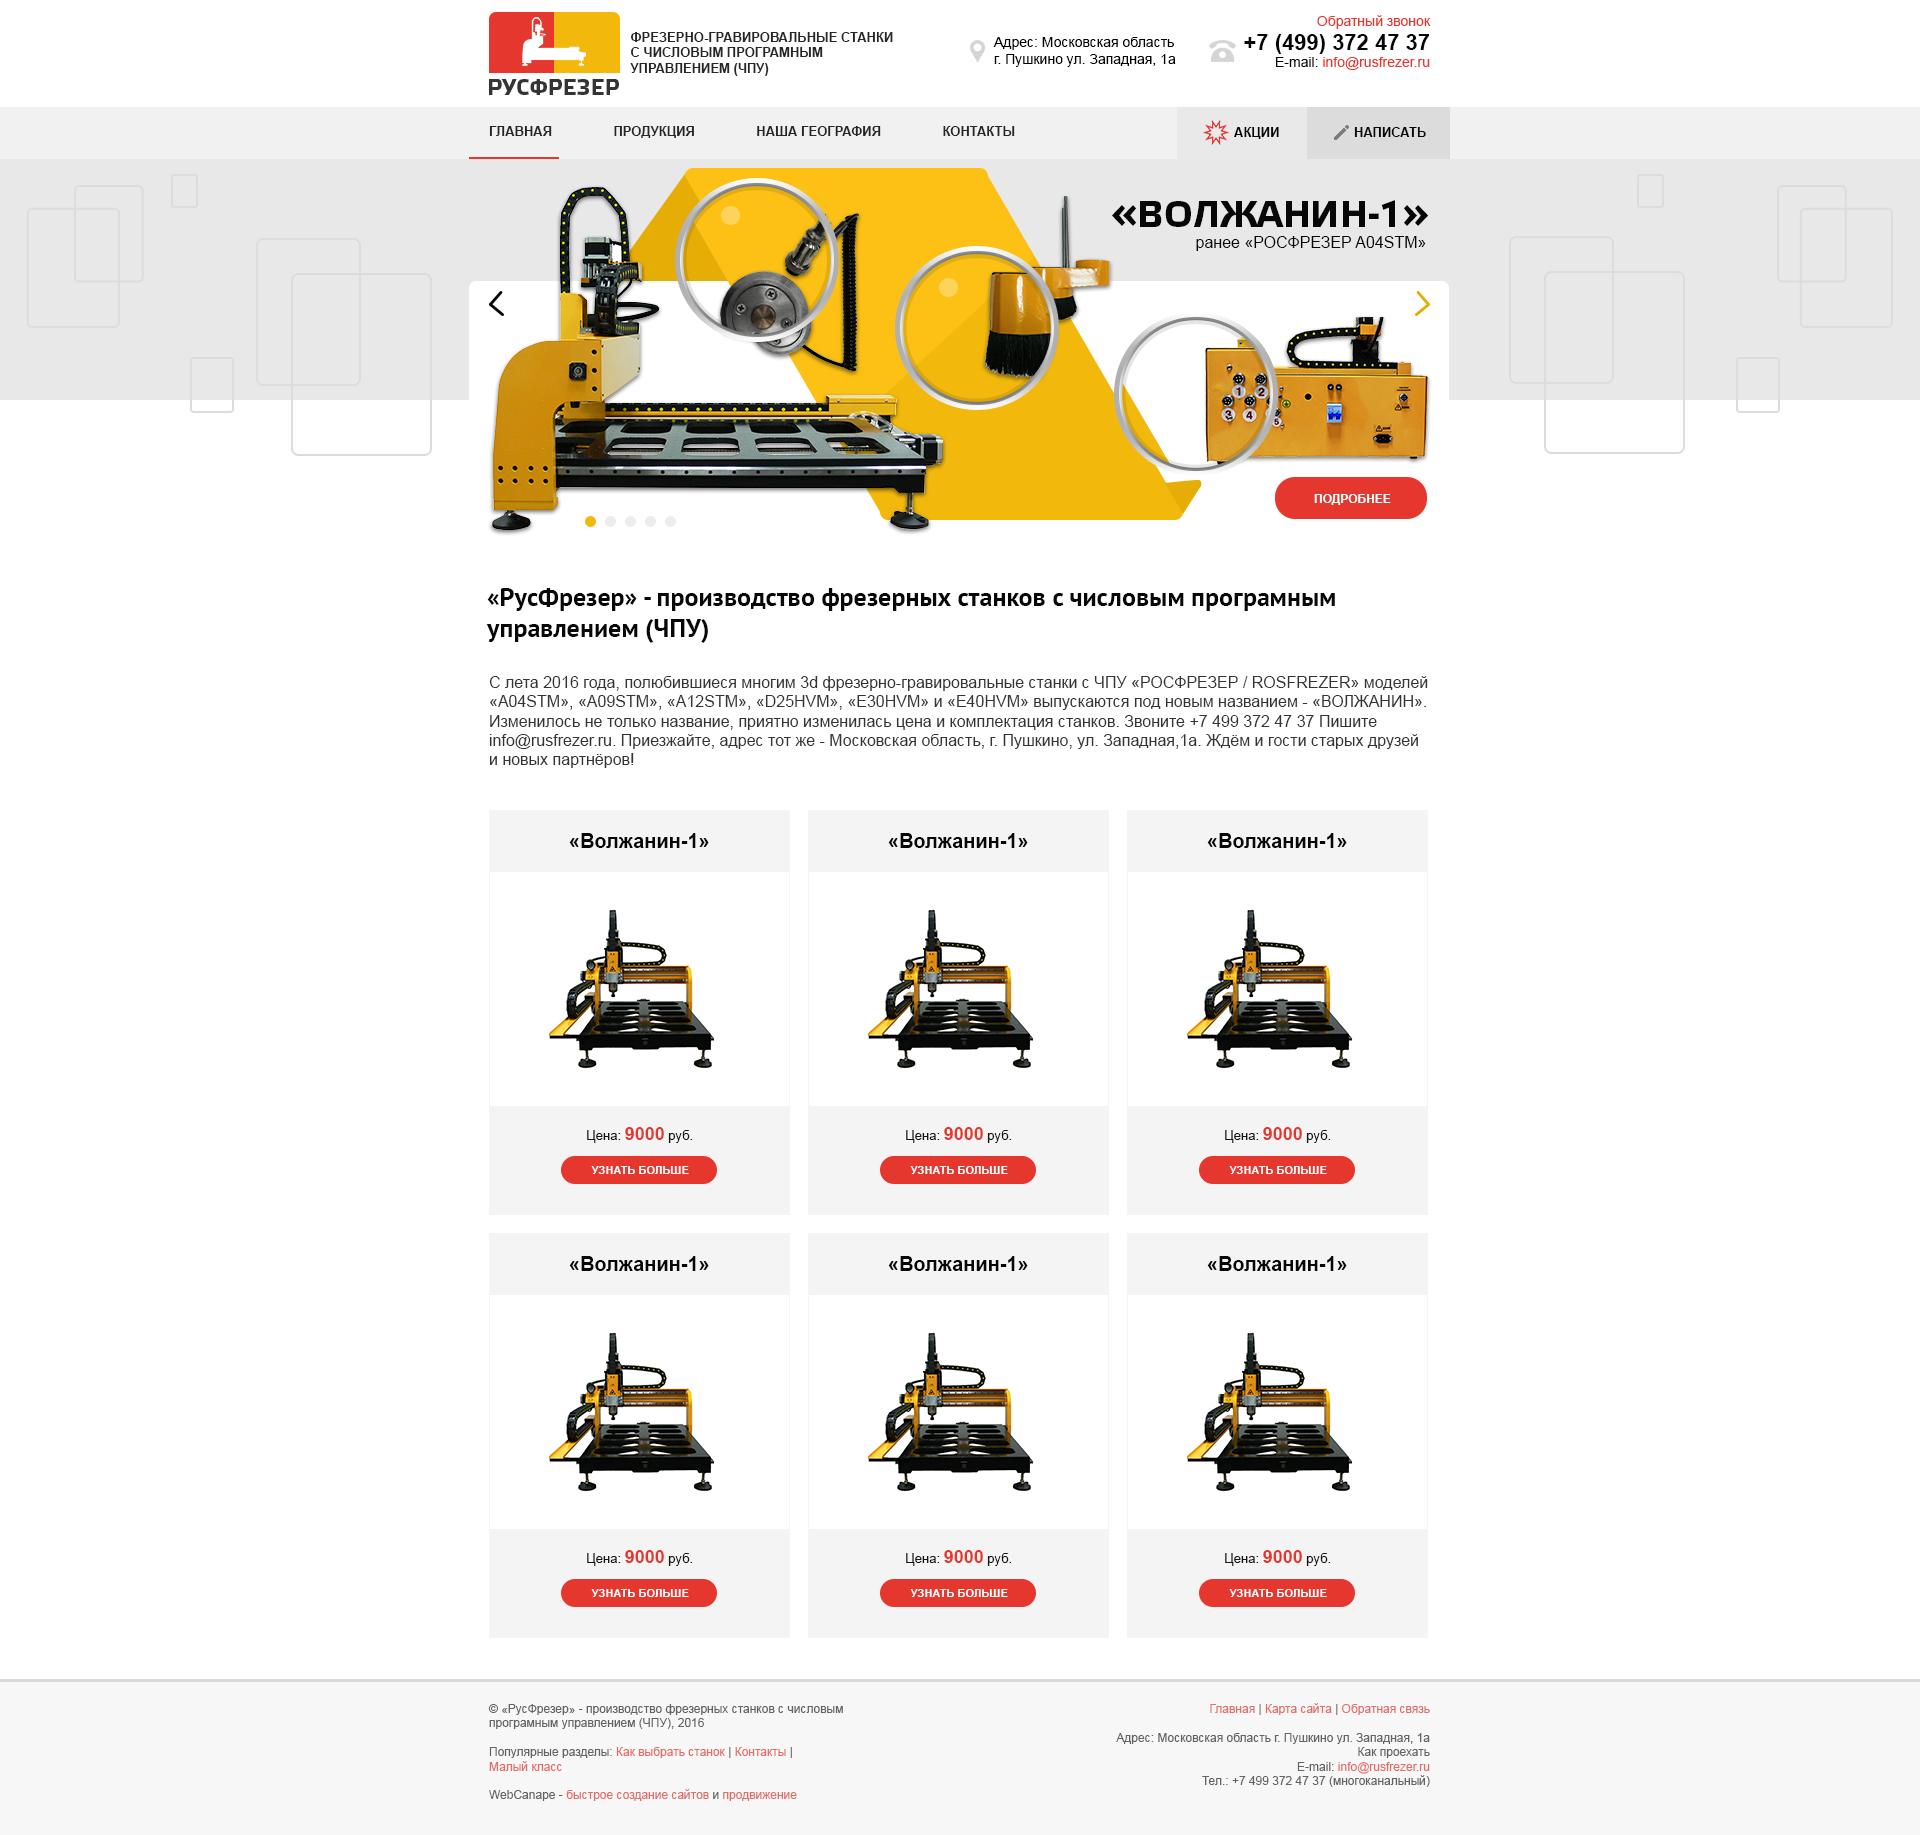 Разработка сайта по производству фрезерно-гравировальных станков с ЧПУ